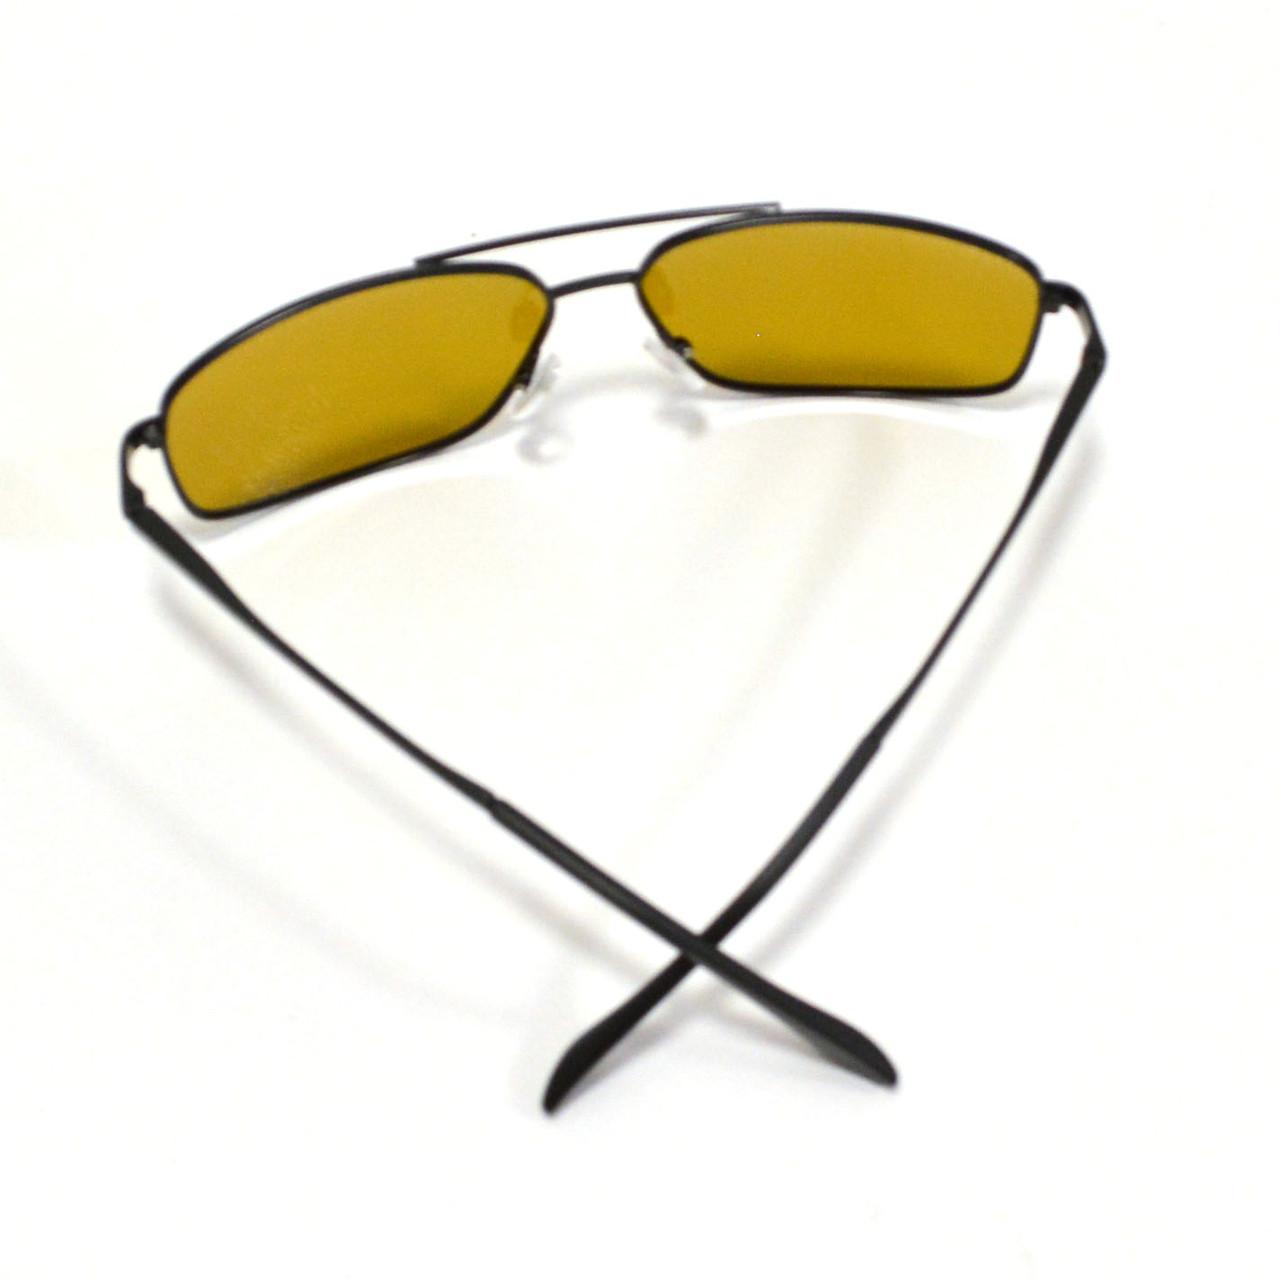 Солнцезащитные поляризационные очки ПОЛАРОИД UV400 тонкая сдвоенная оправа коричневые стекла АВТО PX16119 - фото 7